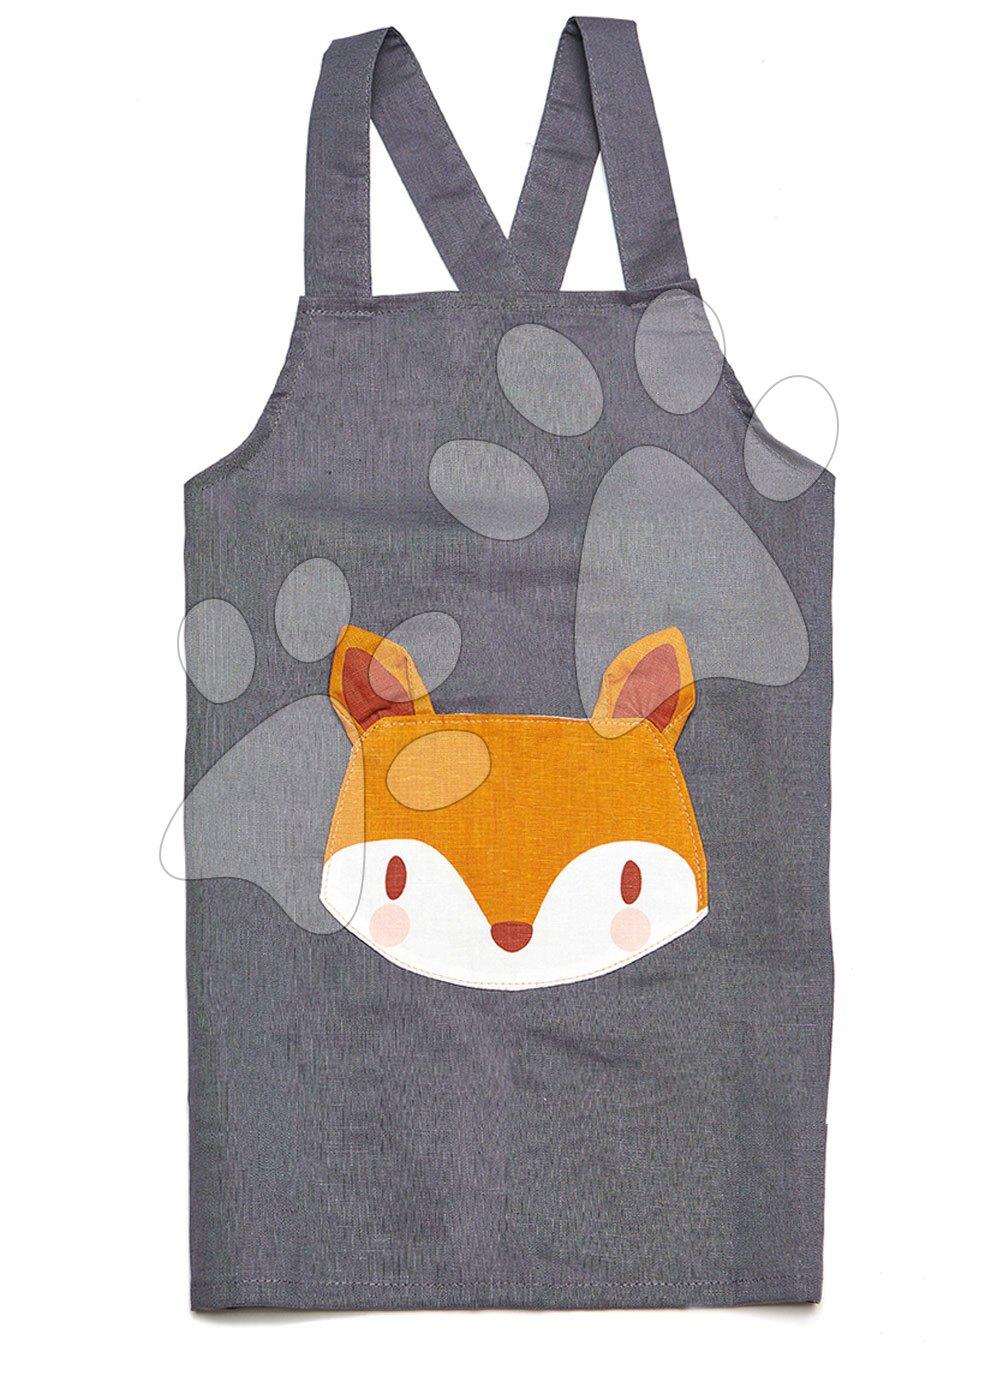 Zástěra pro děti Liška Fox Linen Cotton Apron ThreadBear z bavlny jemně šedá od 3–8 let